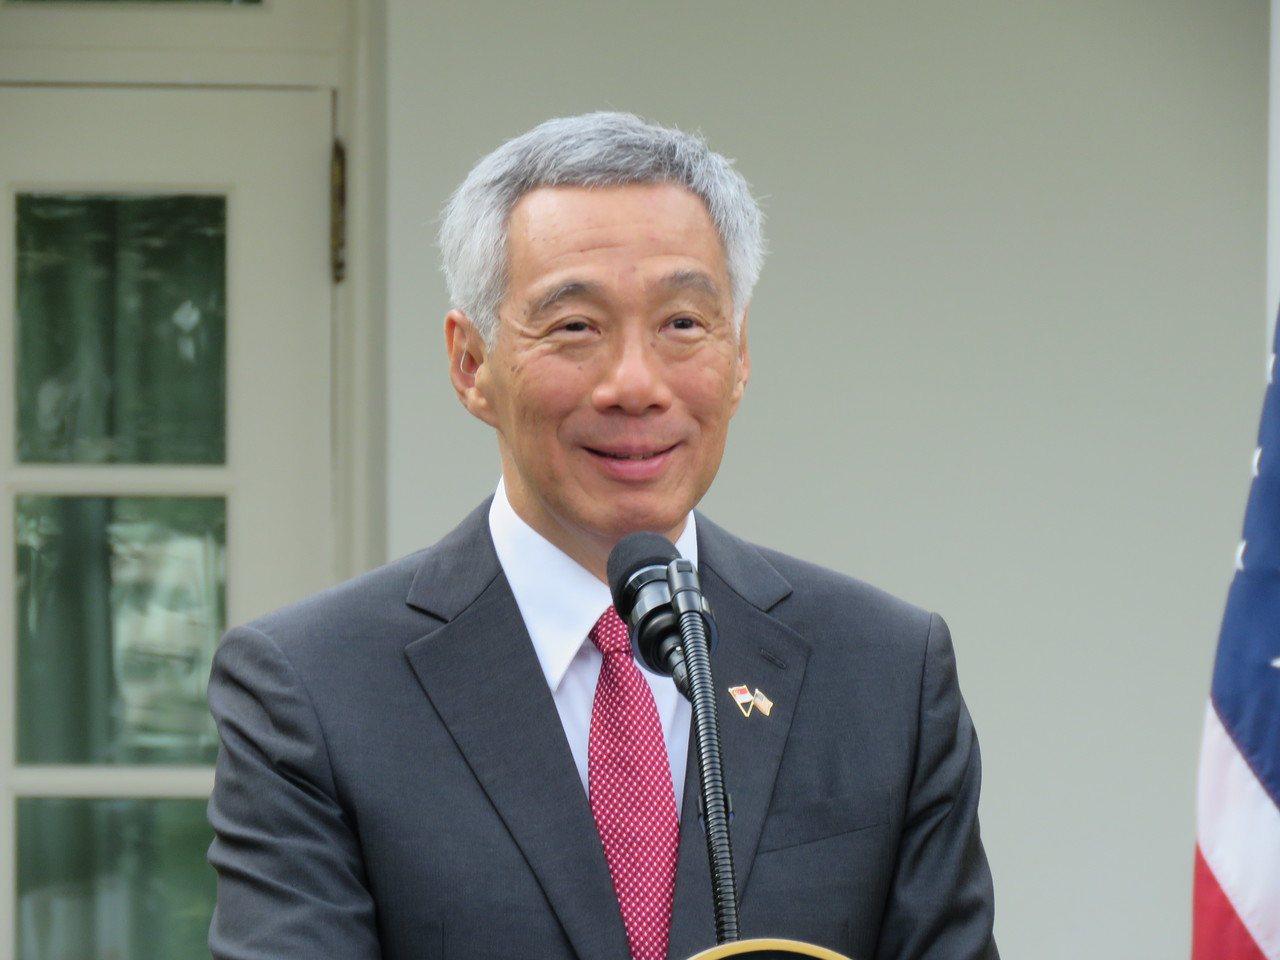 新加坡總理李顯龍在美國華府談及兩岸關係,他稱兩岸目前最佳狀況是維持僵局,情勢不再...